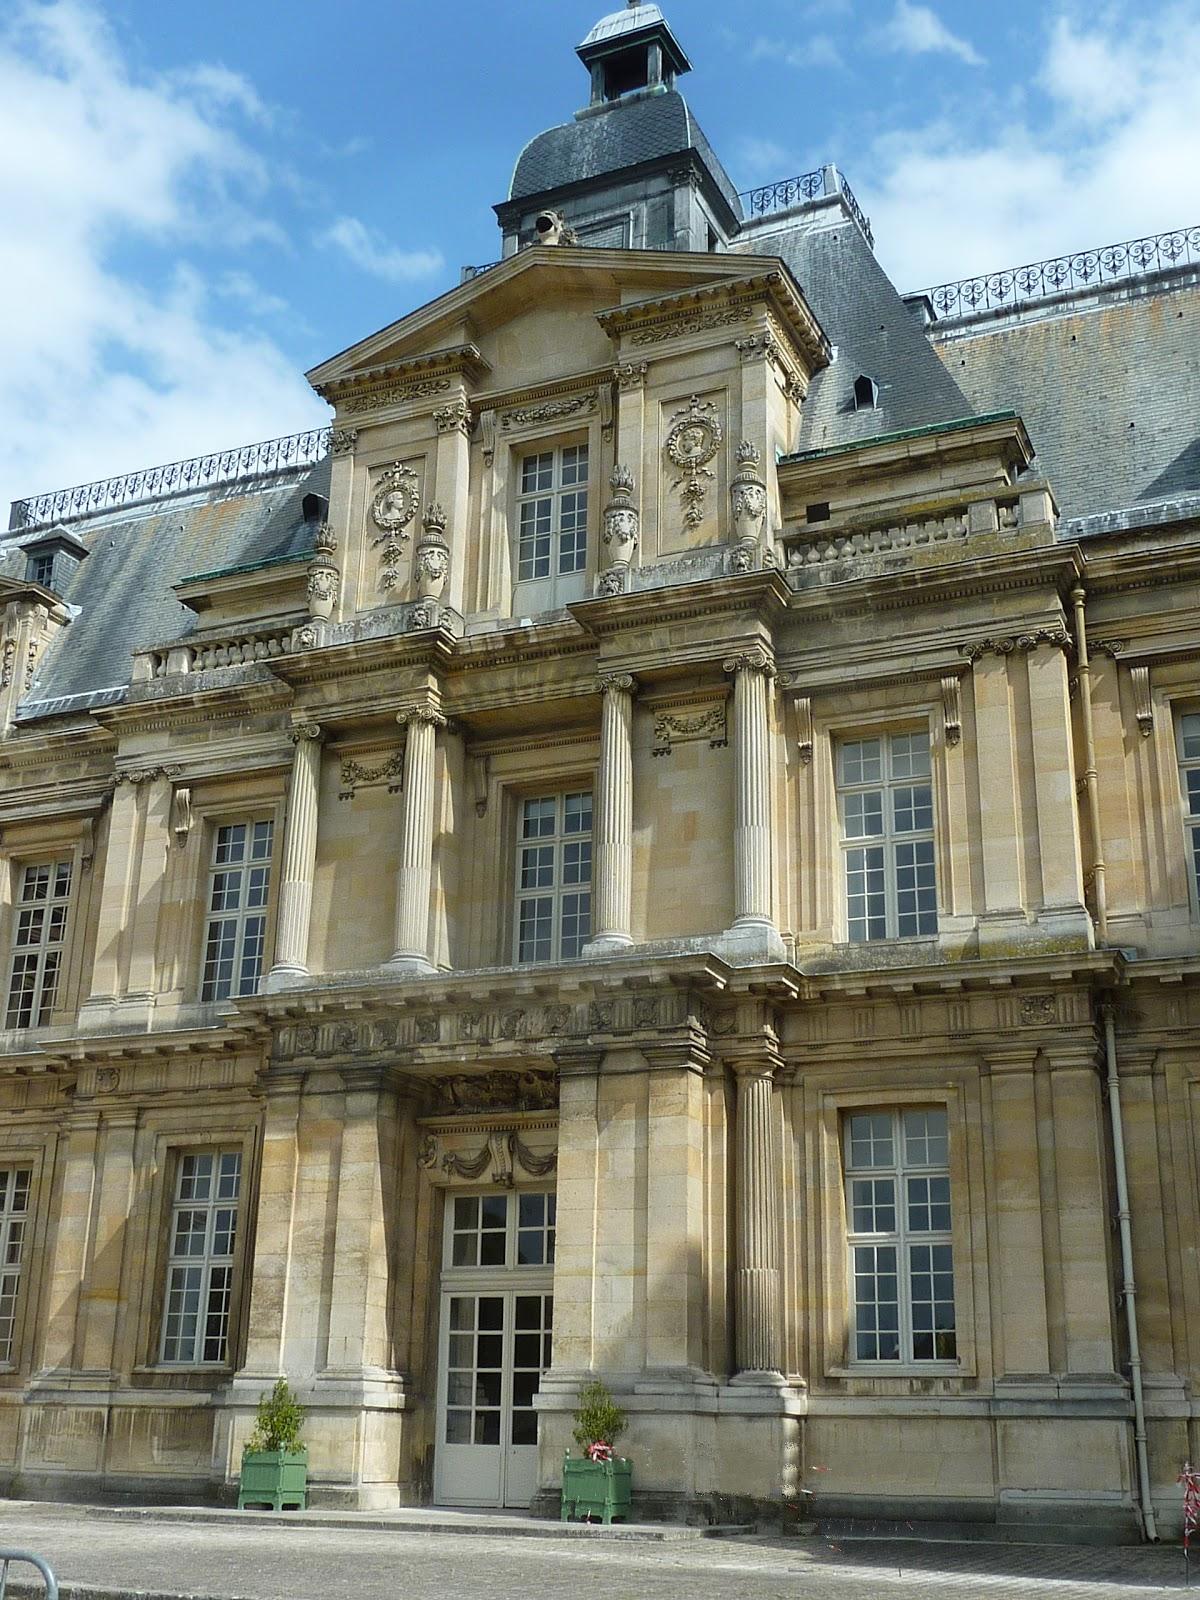 Parisienne curieuse ch teau de maisons mod le d for Architecture maison classique